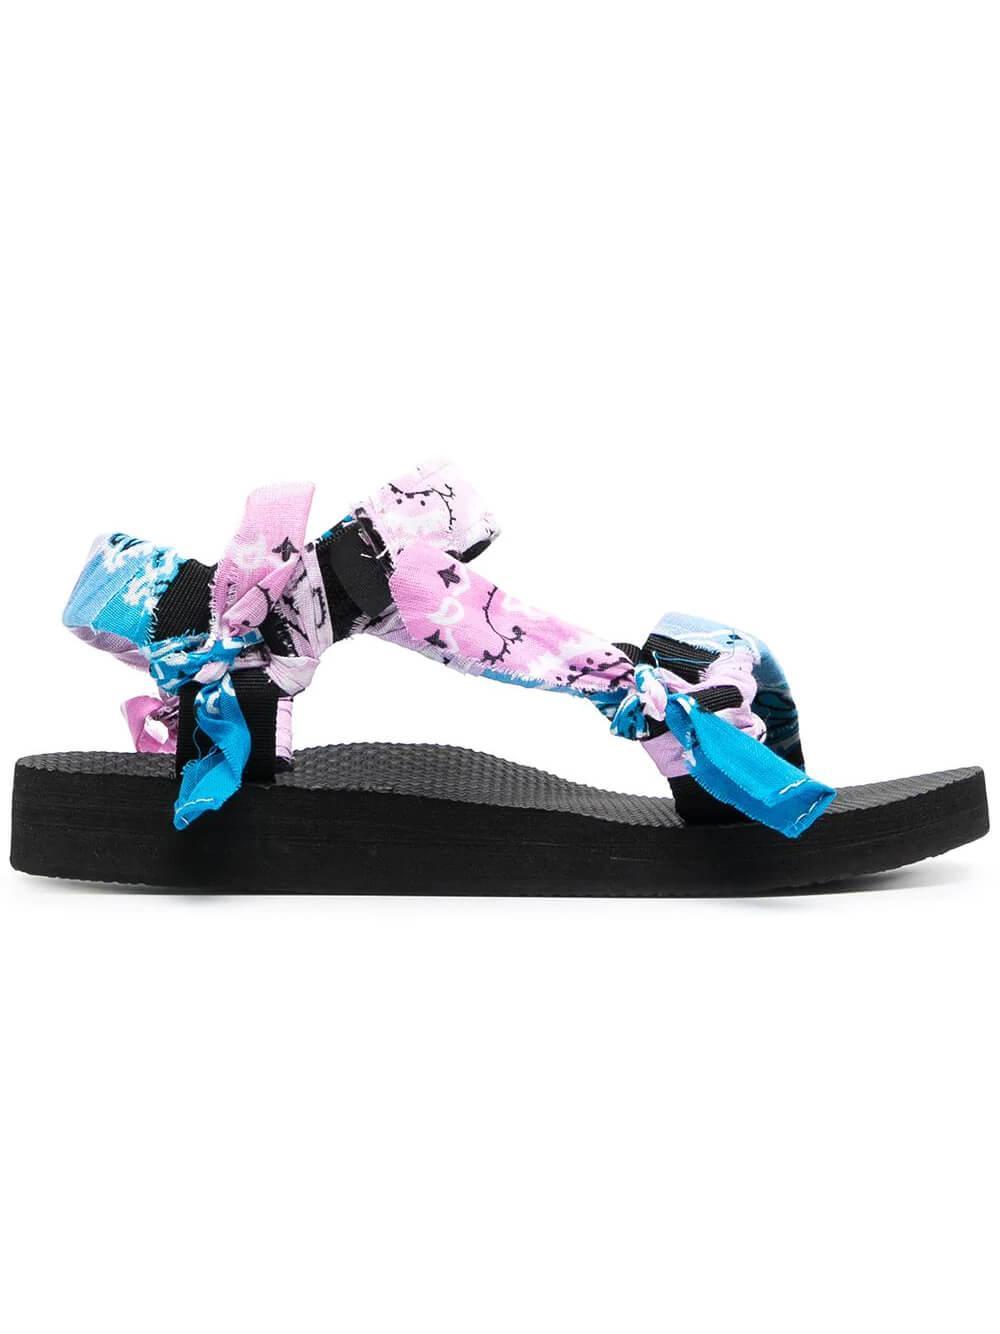 Trekky Sandal